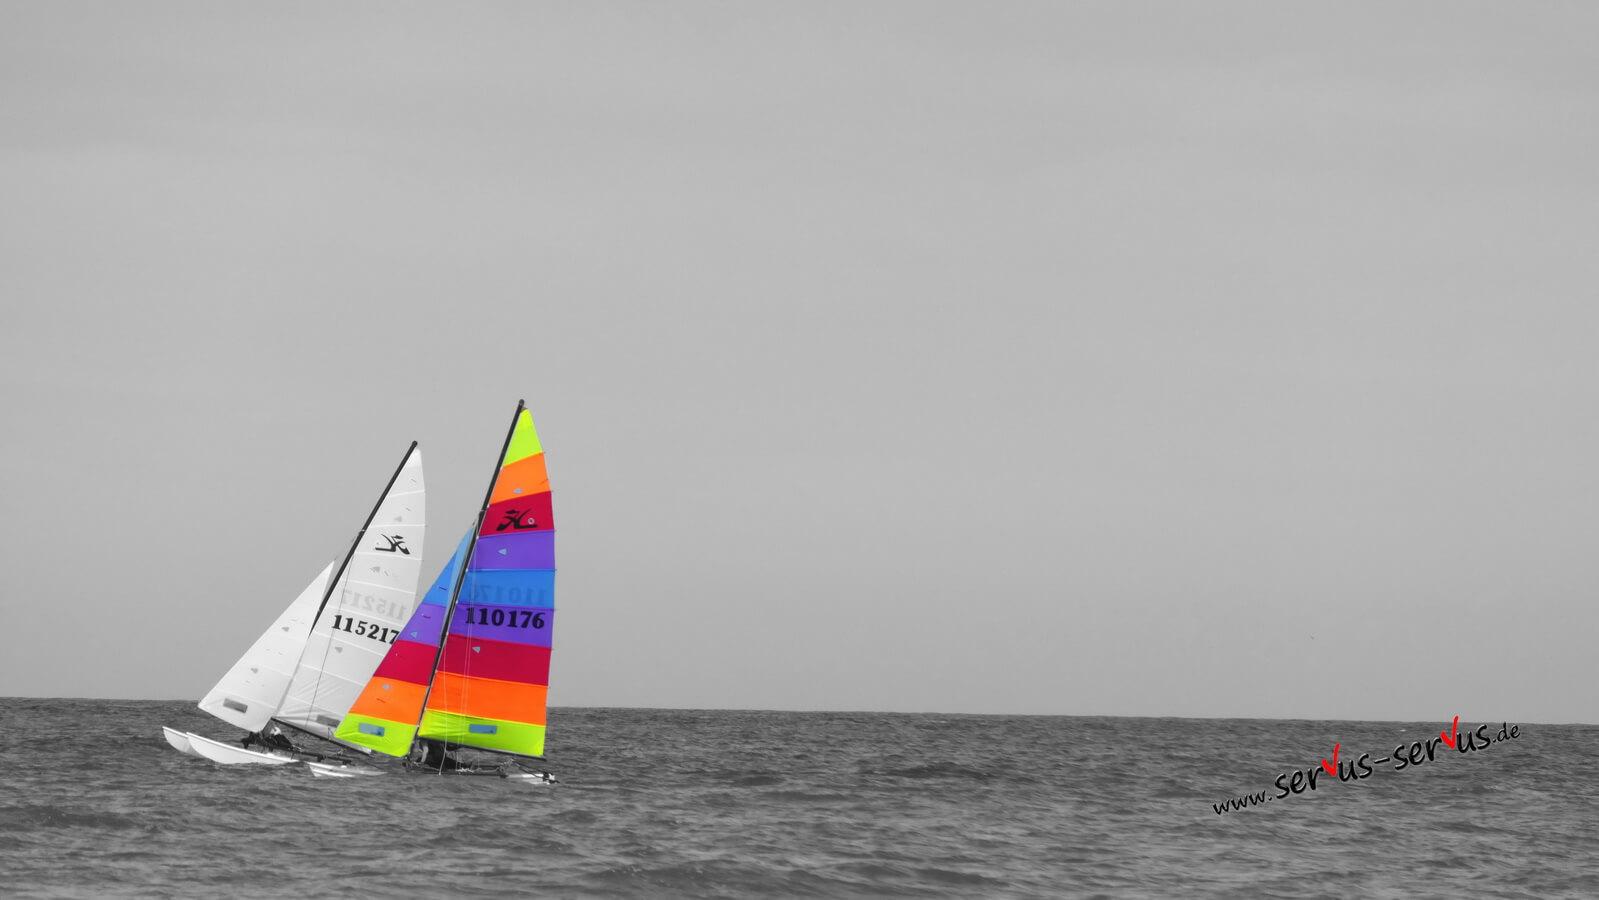 Segeln auf der Nordsee, colorkey